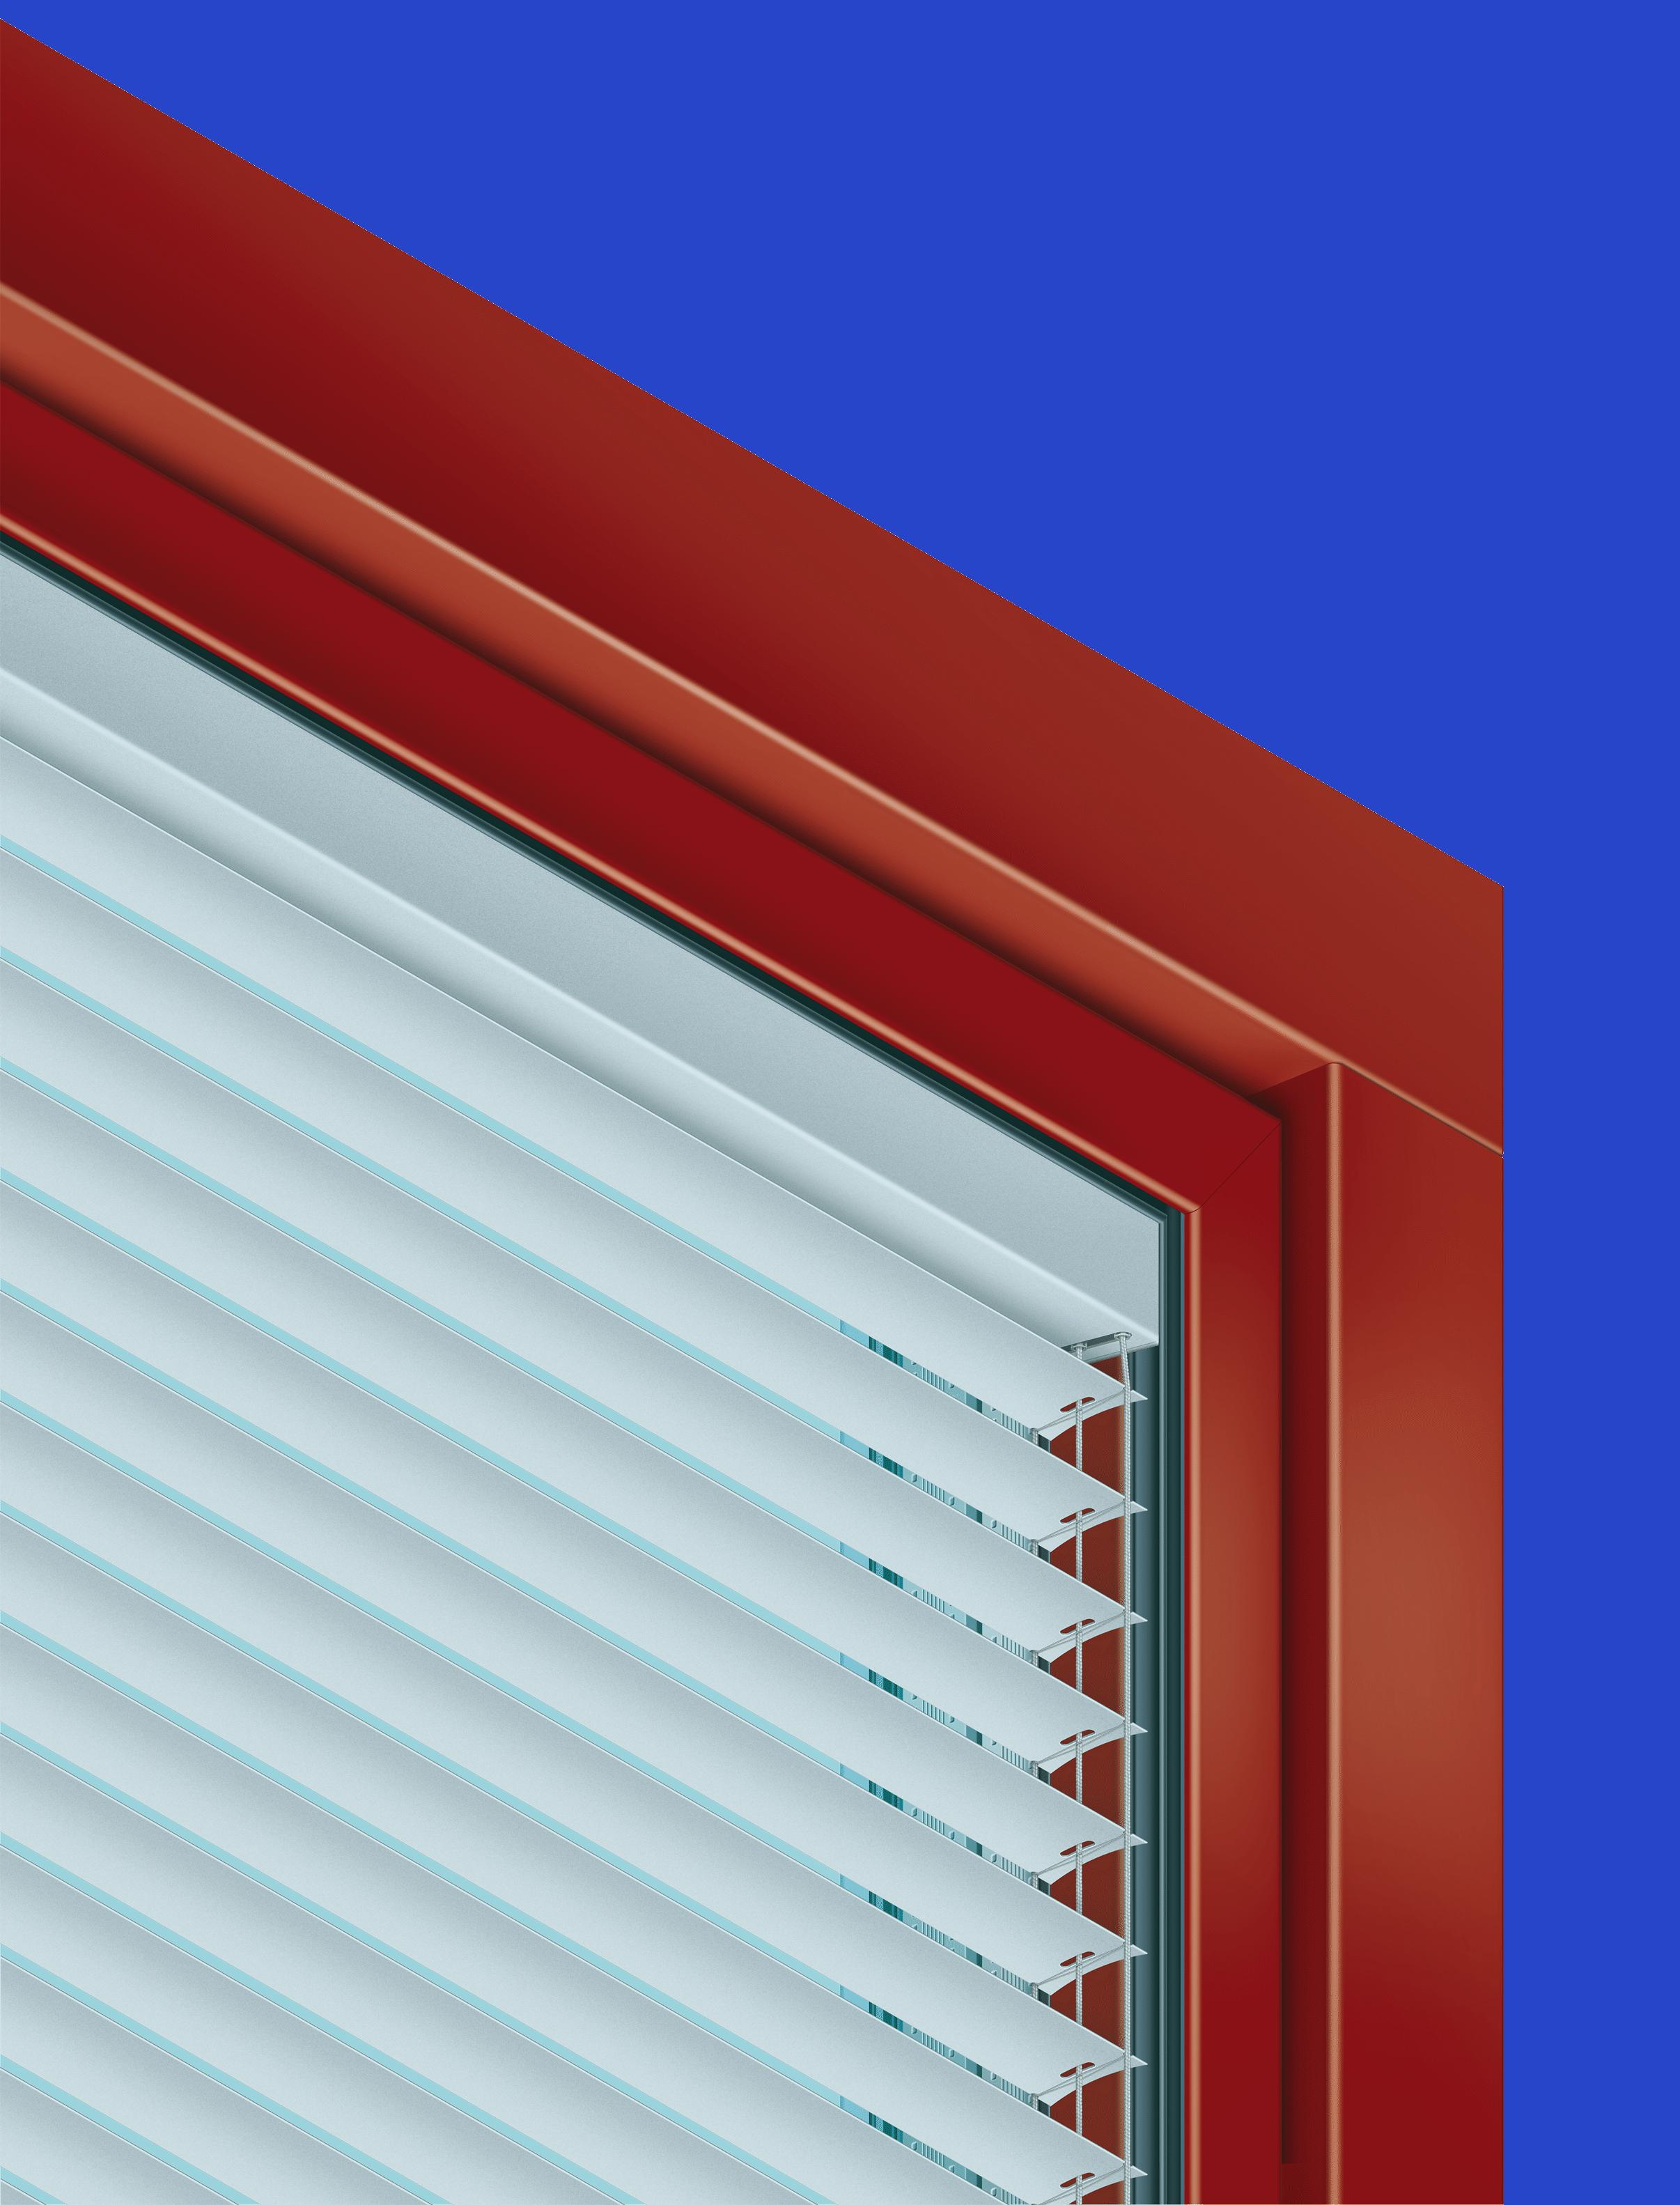 Jalousie im Fenster